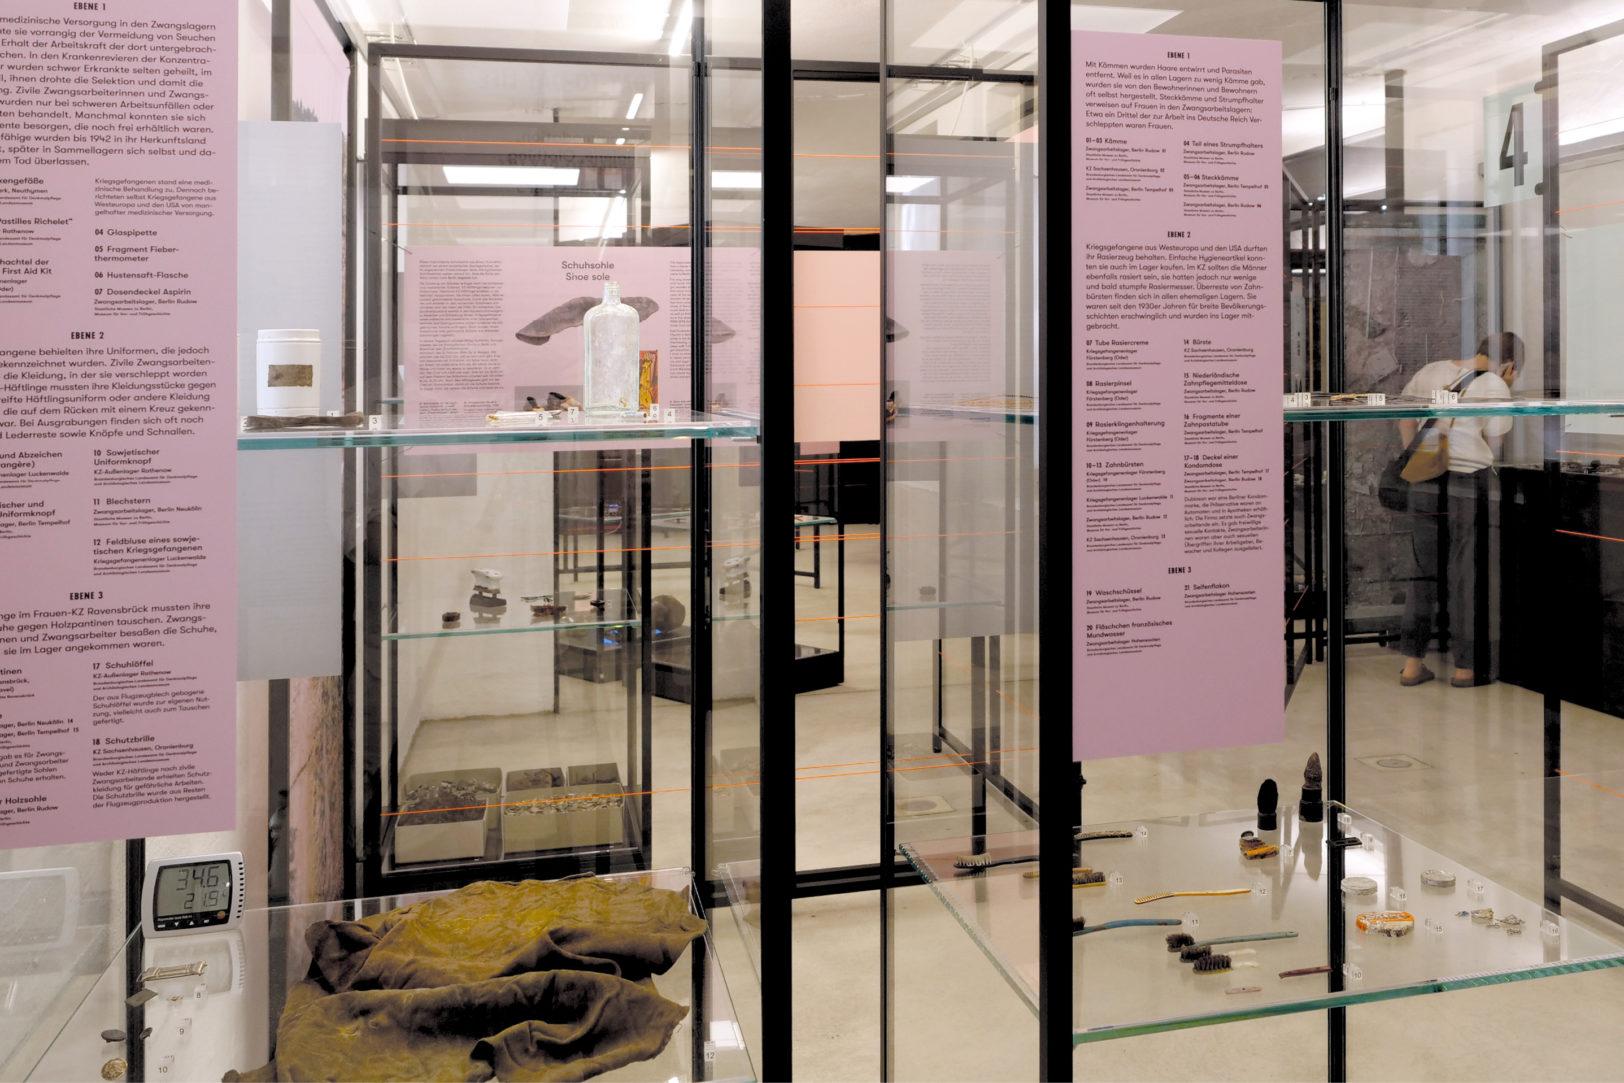 http://e-o-t.de/wordpress/wp-content/uploads/2020/04/Exhibition-Ausgeschlossen-eot-5.jpg